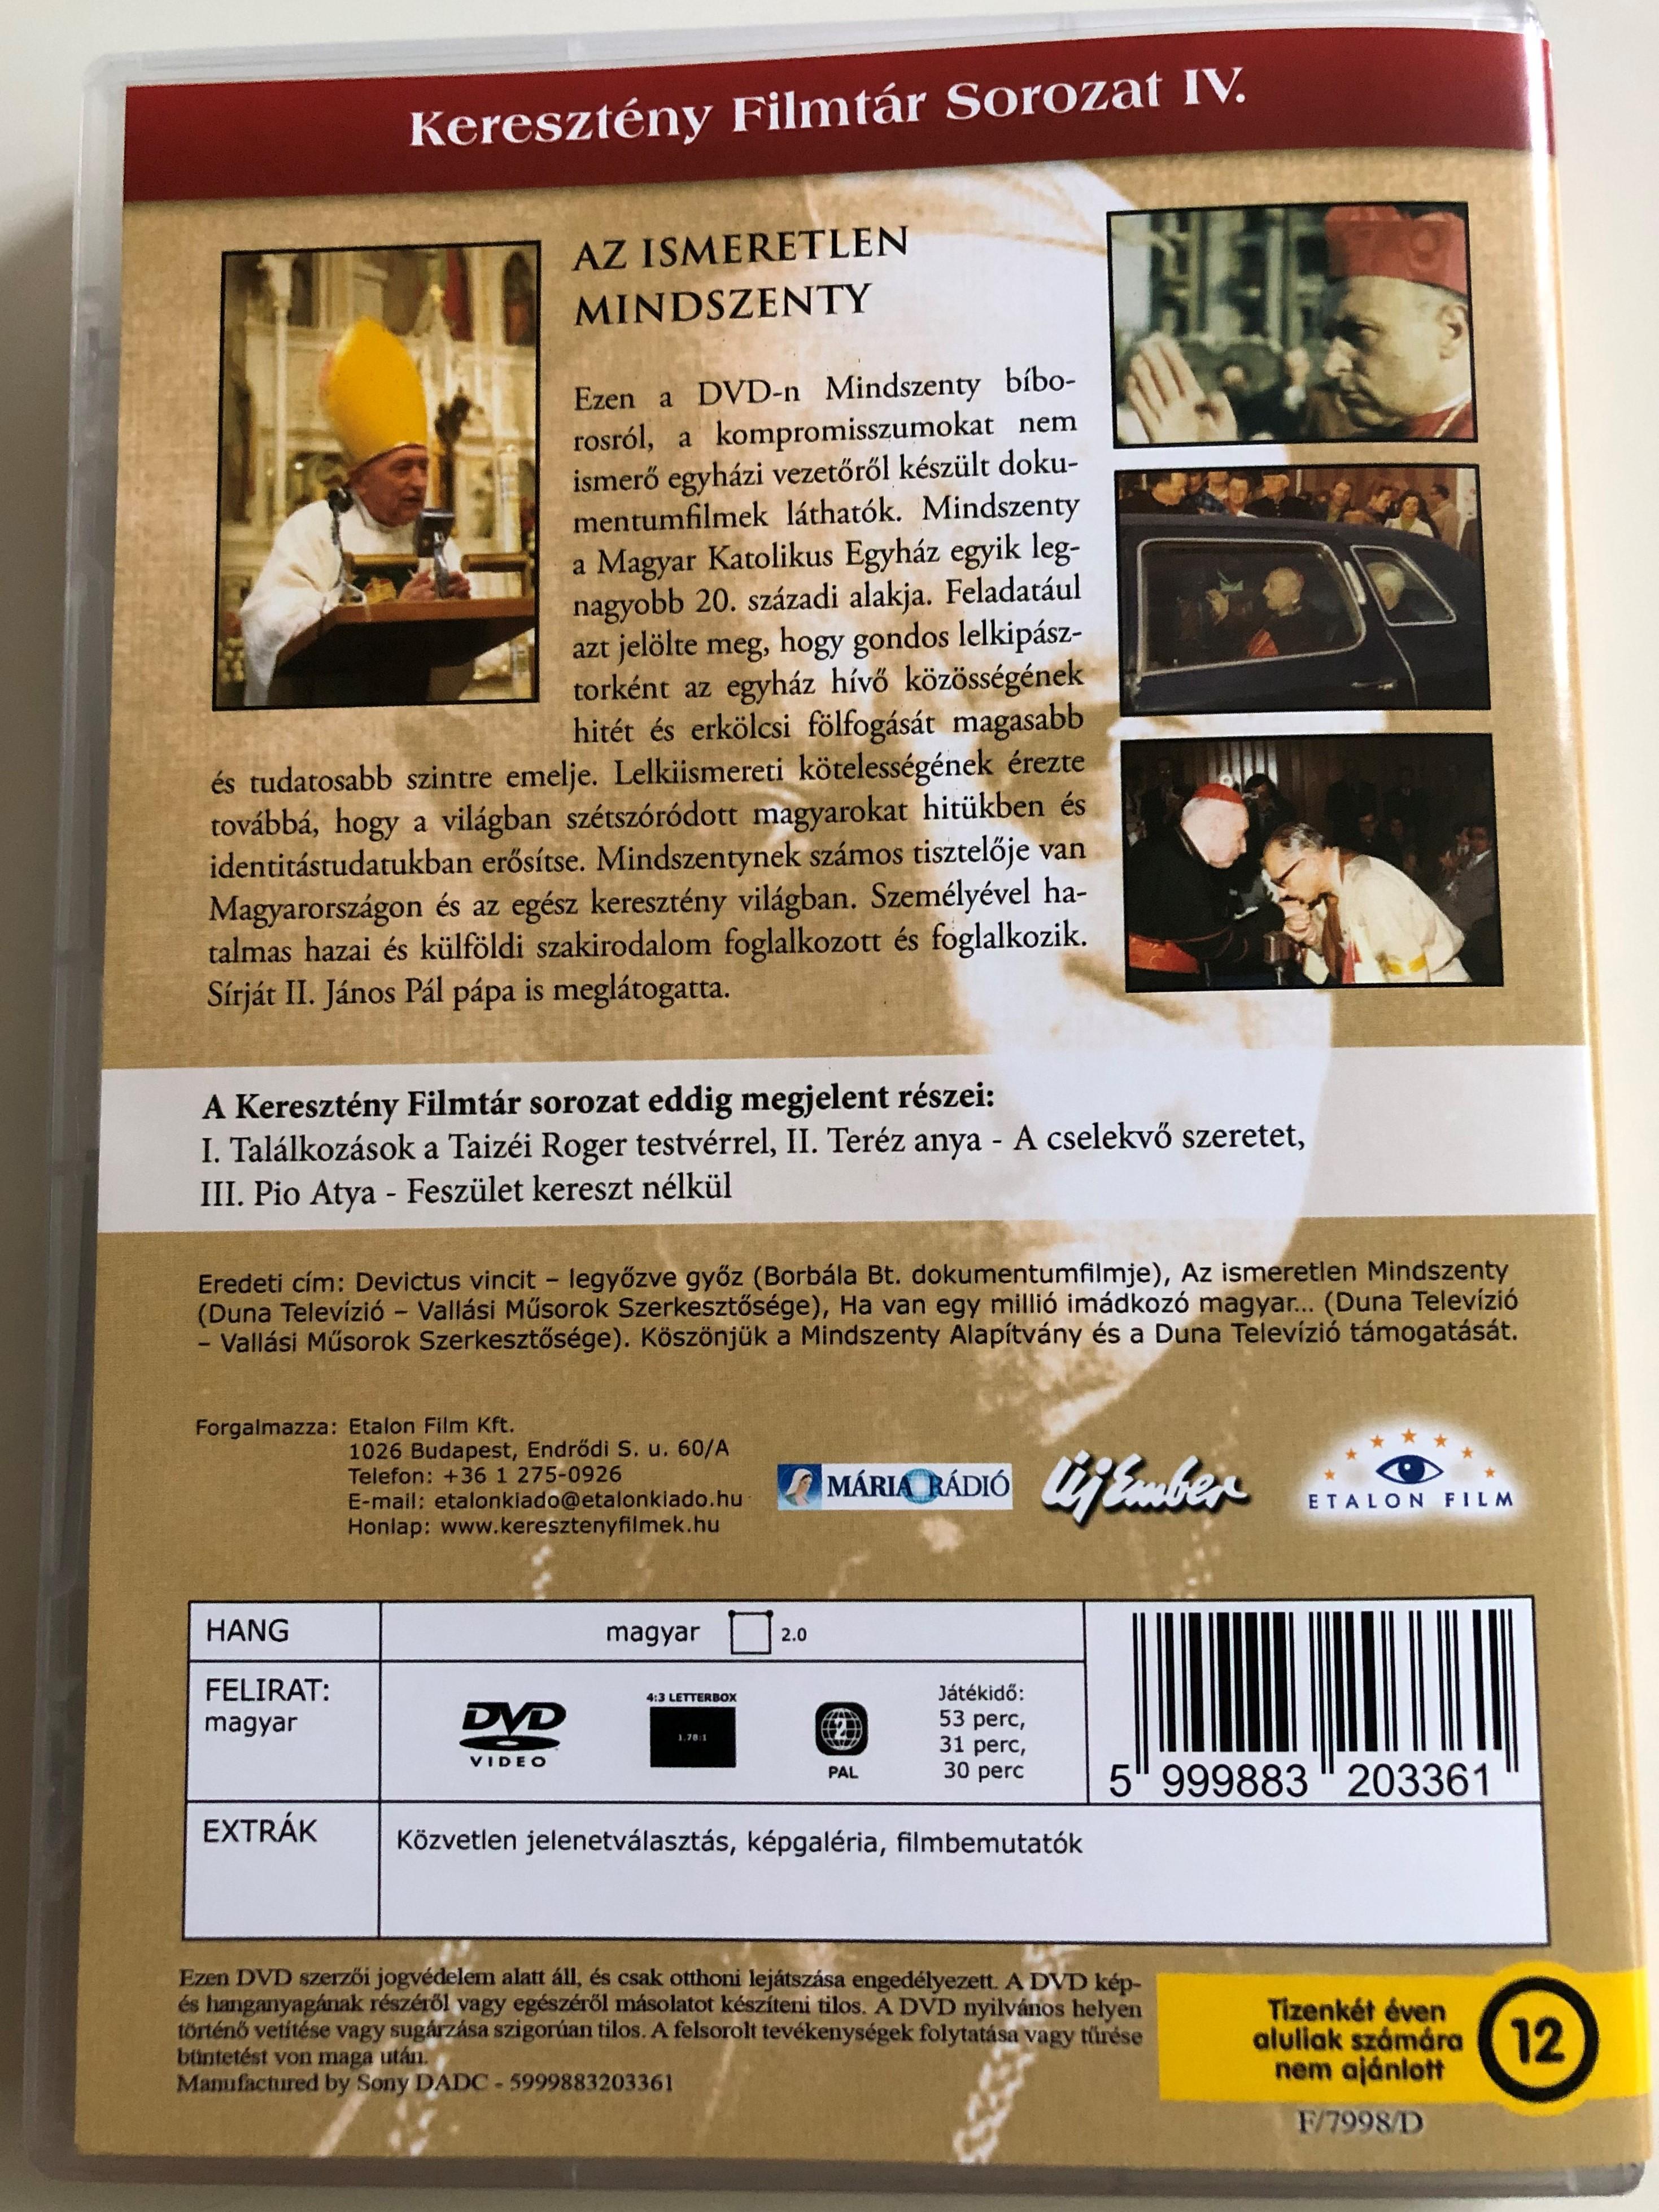 az-ismeretlen-mindszenty-dvd-2008-the-unknown-mindszenty-3-documentaries-about-cardinal-mindszenty-kereszt-ny-filmt-r-sorozat-iv.-etalon-film-3-.jpg